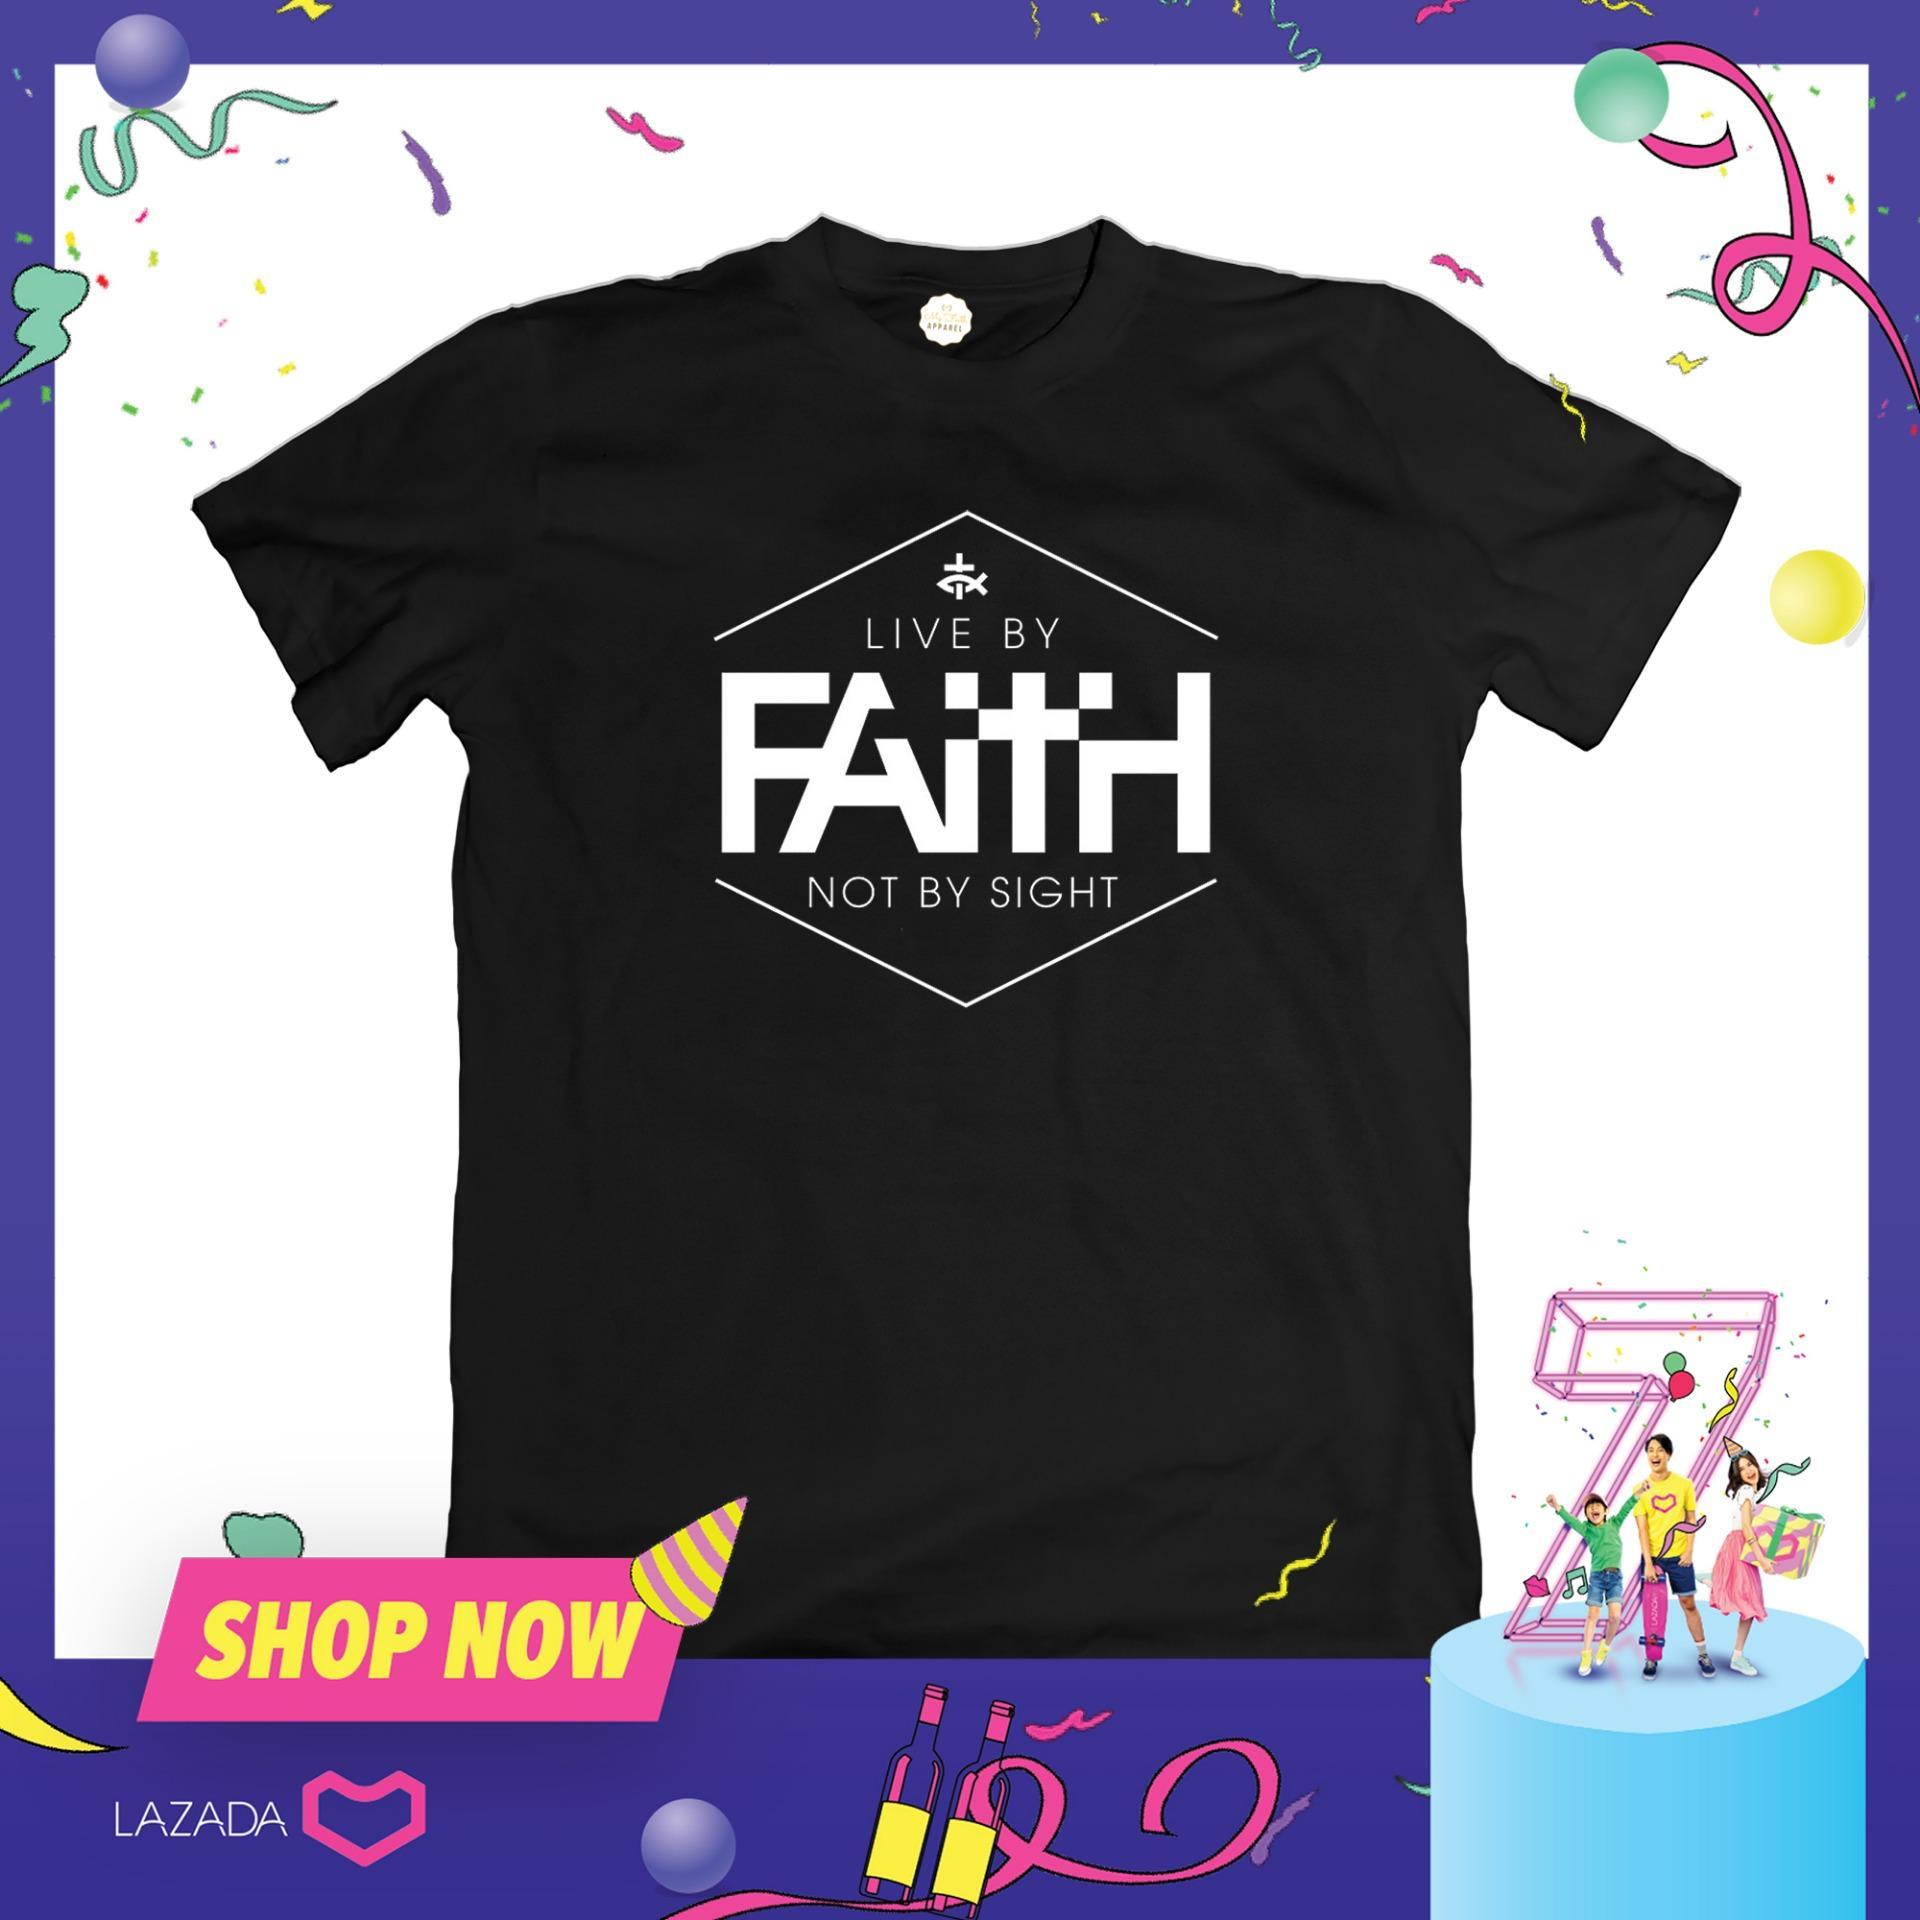 f471e9fdd65d Faith Apparel Live By Faith T-Shirt (FA1049) - tshirt printed graphic tee